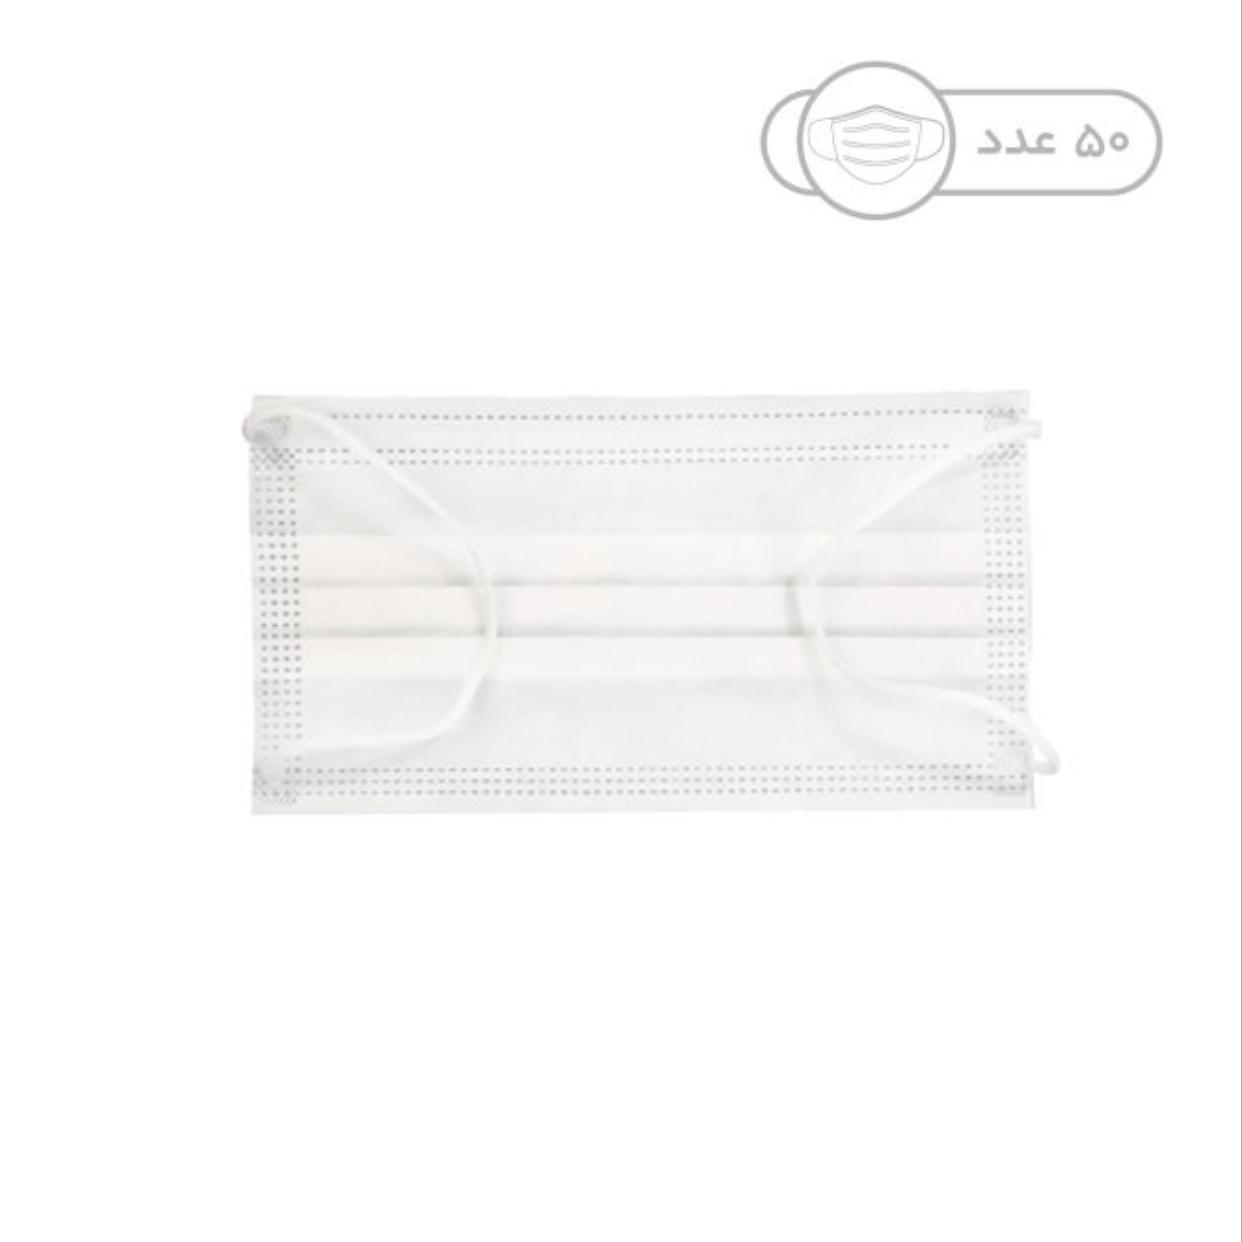 ماسک تنفسی مدل MZ بسته 150 عددی